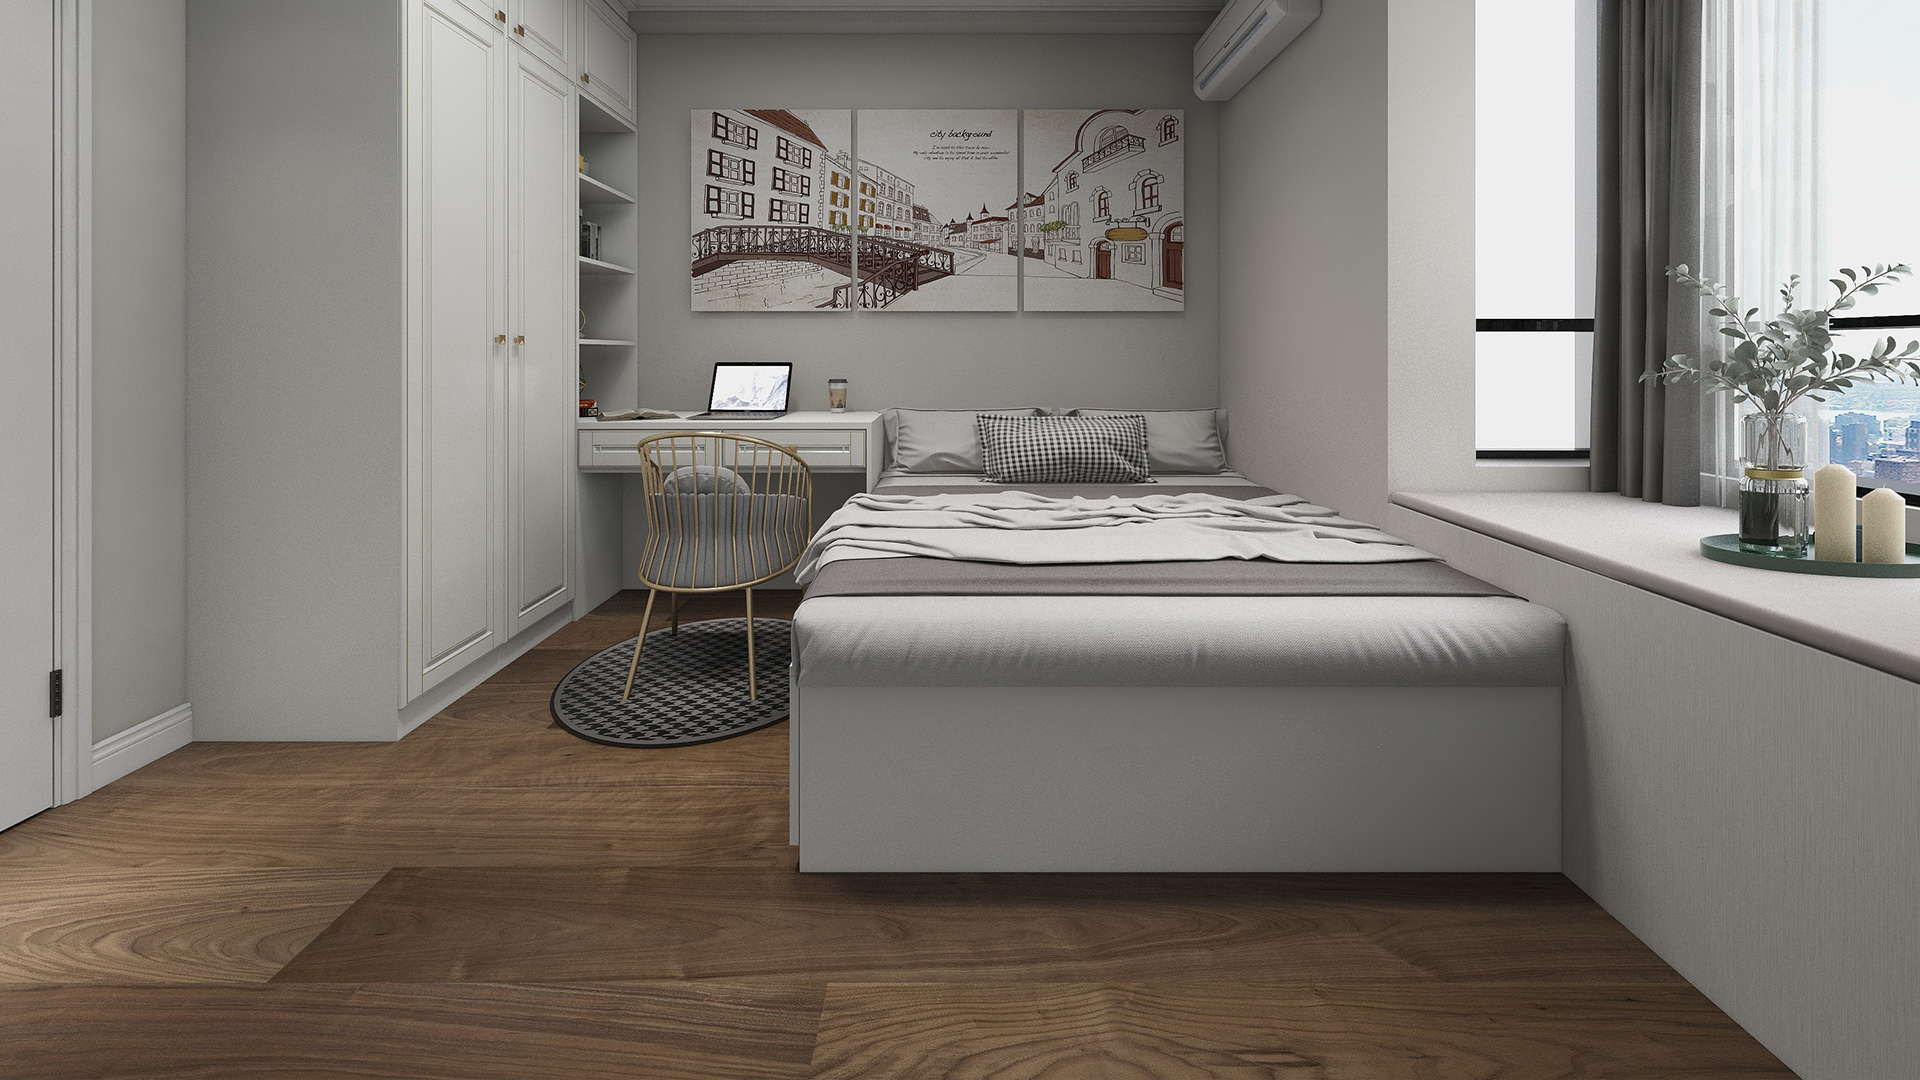 意大利GARBELOTTO实木复合地板,单拼美国胡桃木